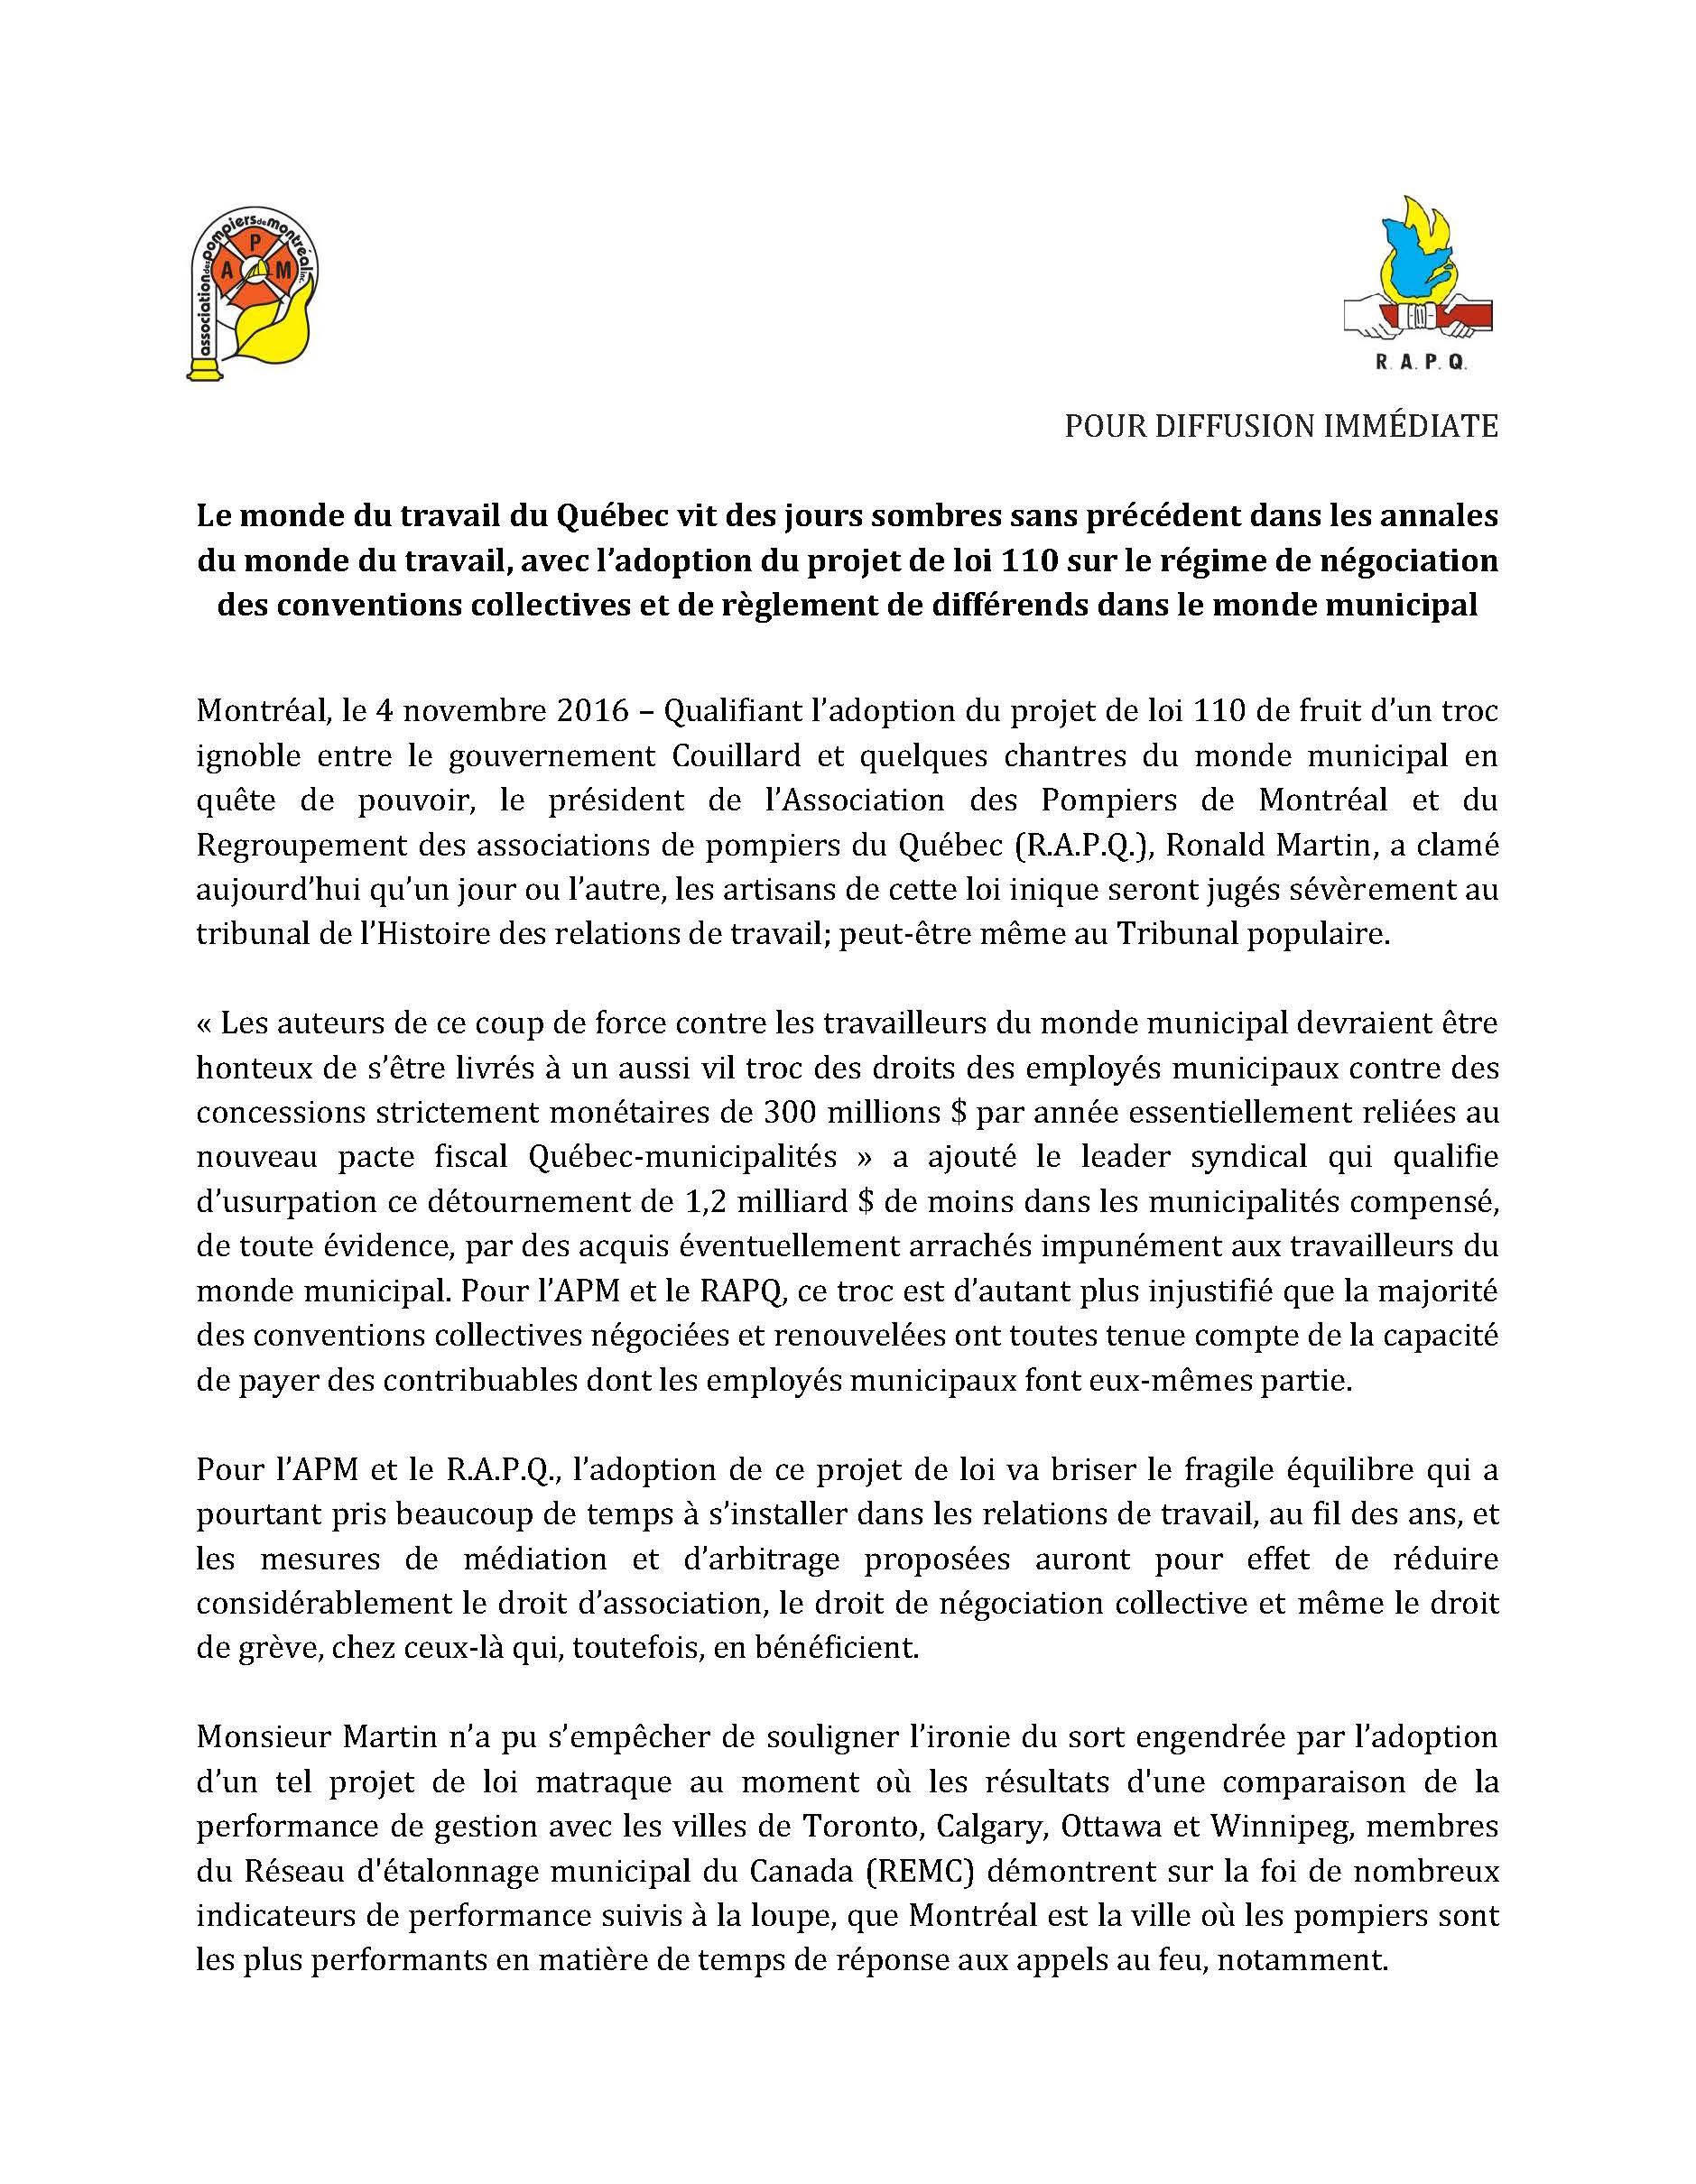 Communiqué - Adoption projet loi 110